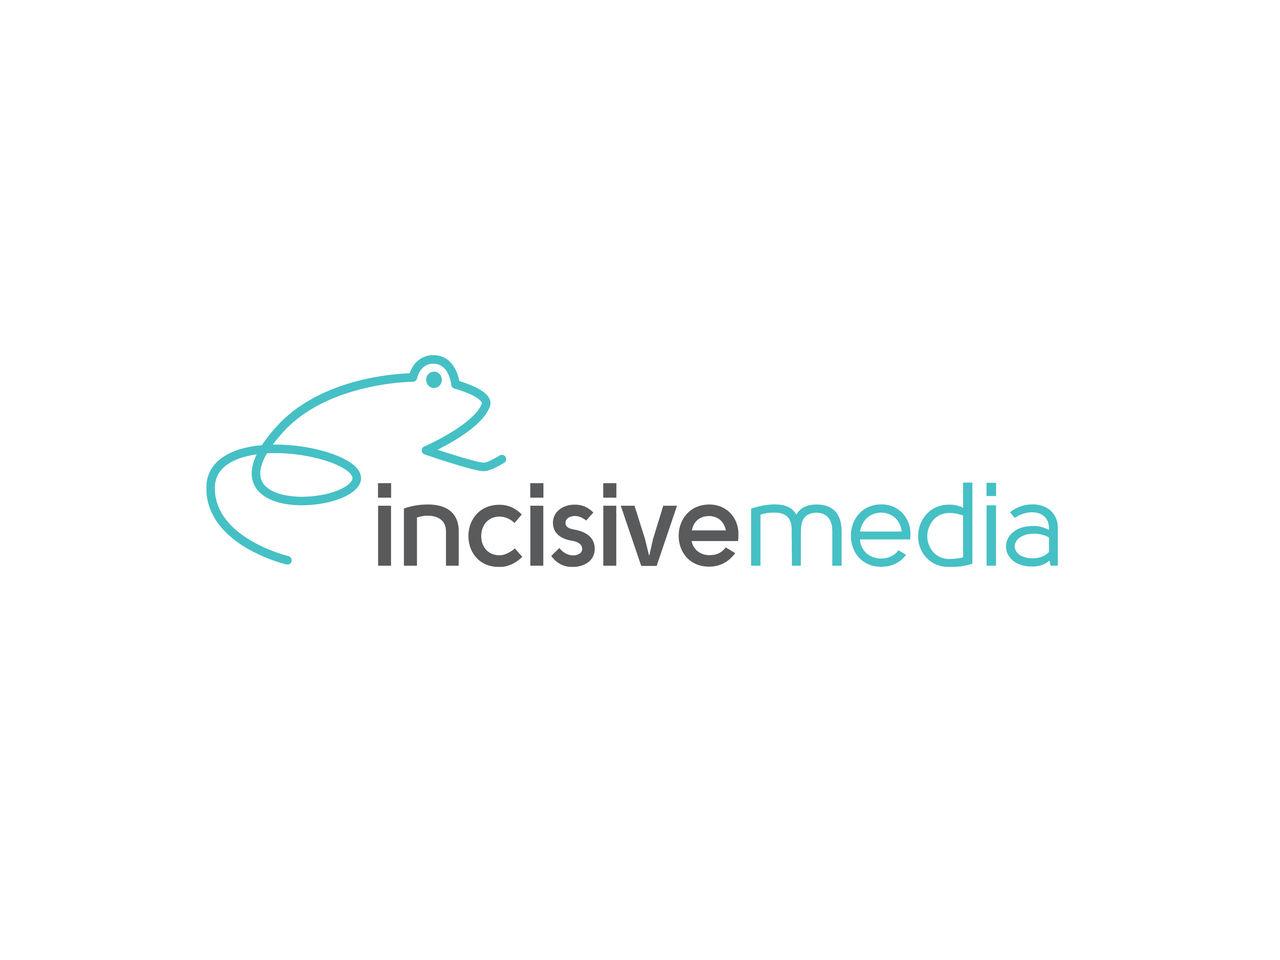 INCISIVE MEDIA - Identité visuelle